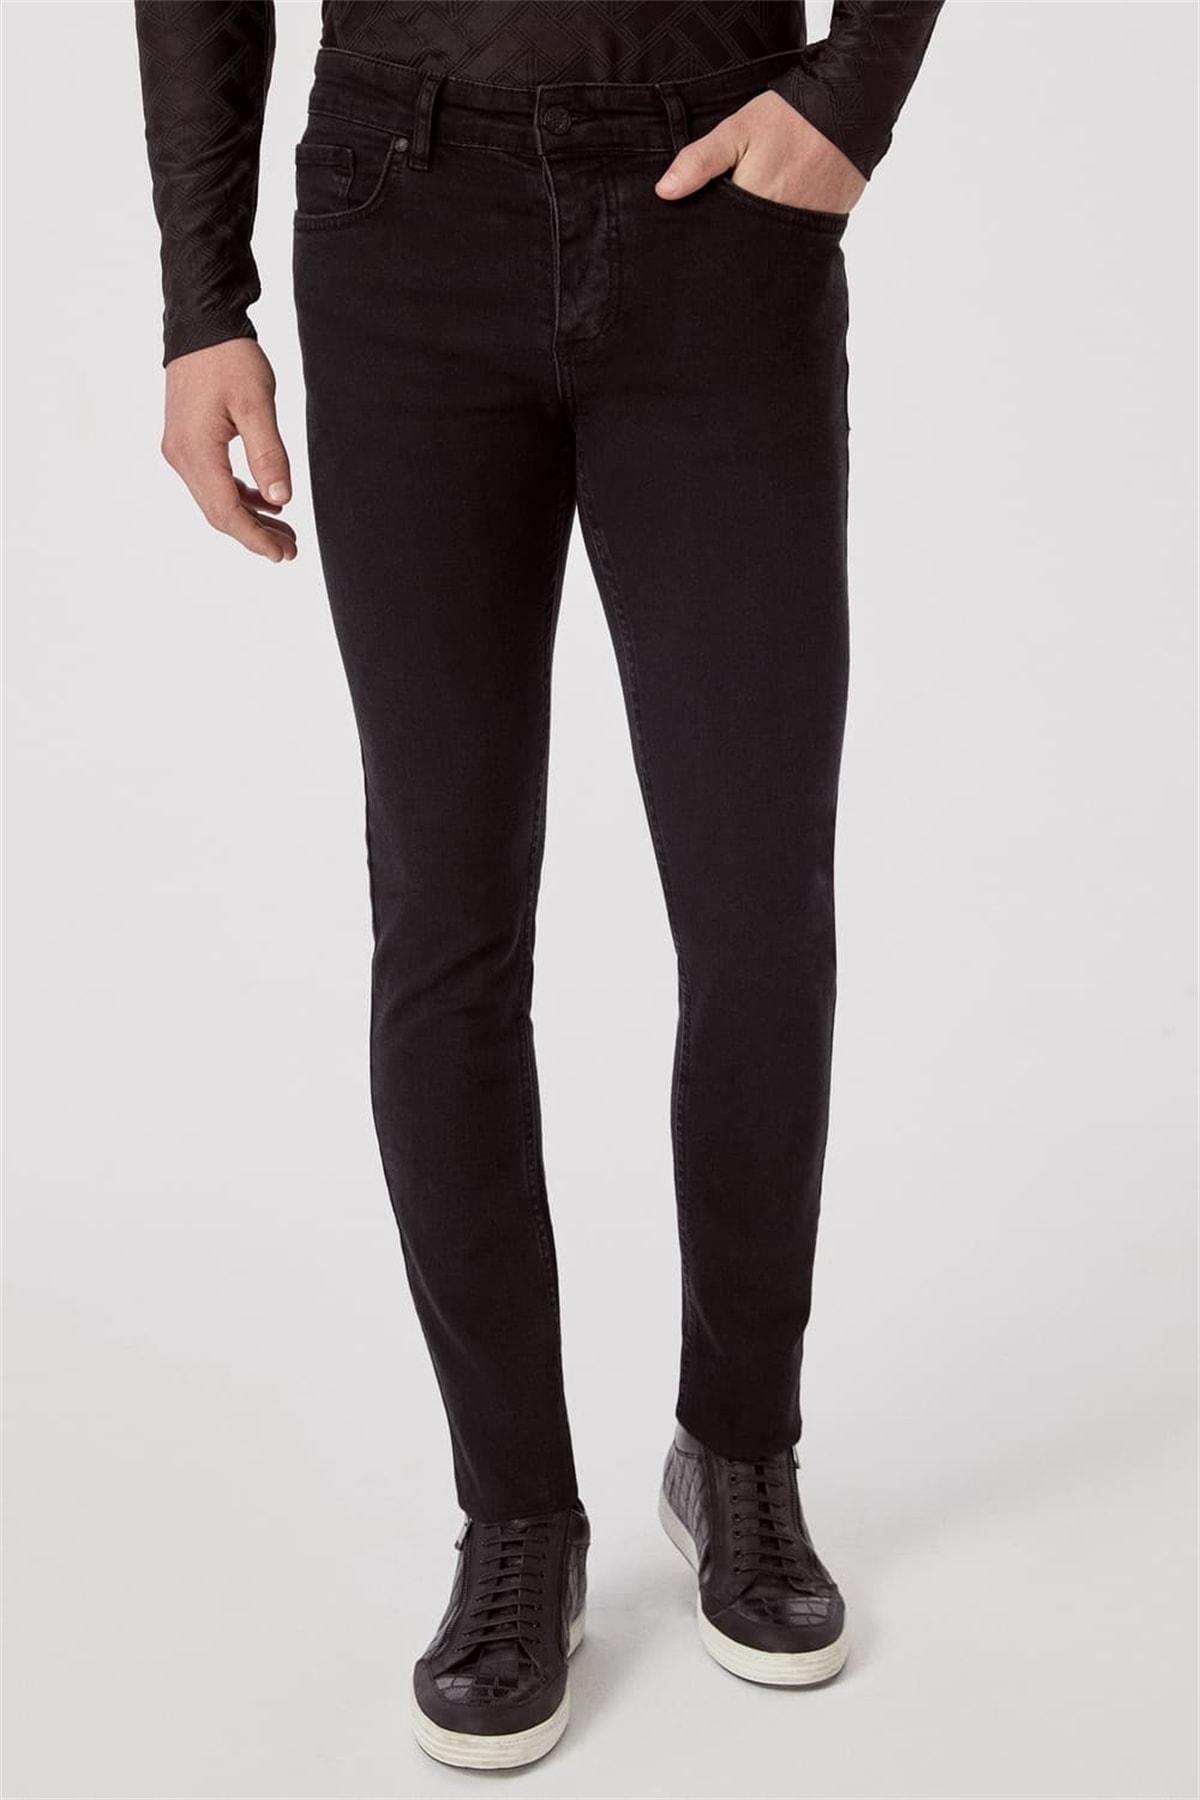 Efor 065 Slim Fit Siyah Jean Pantolon 0